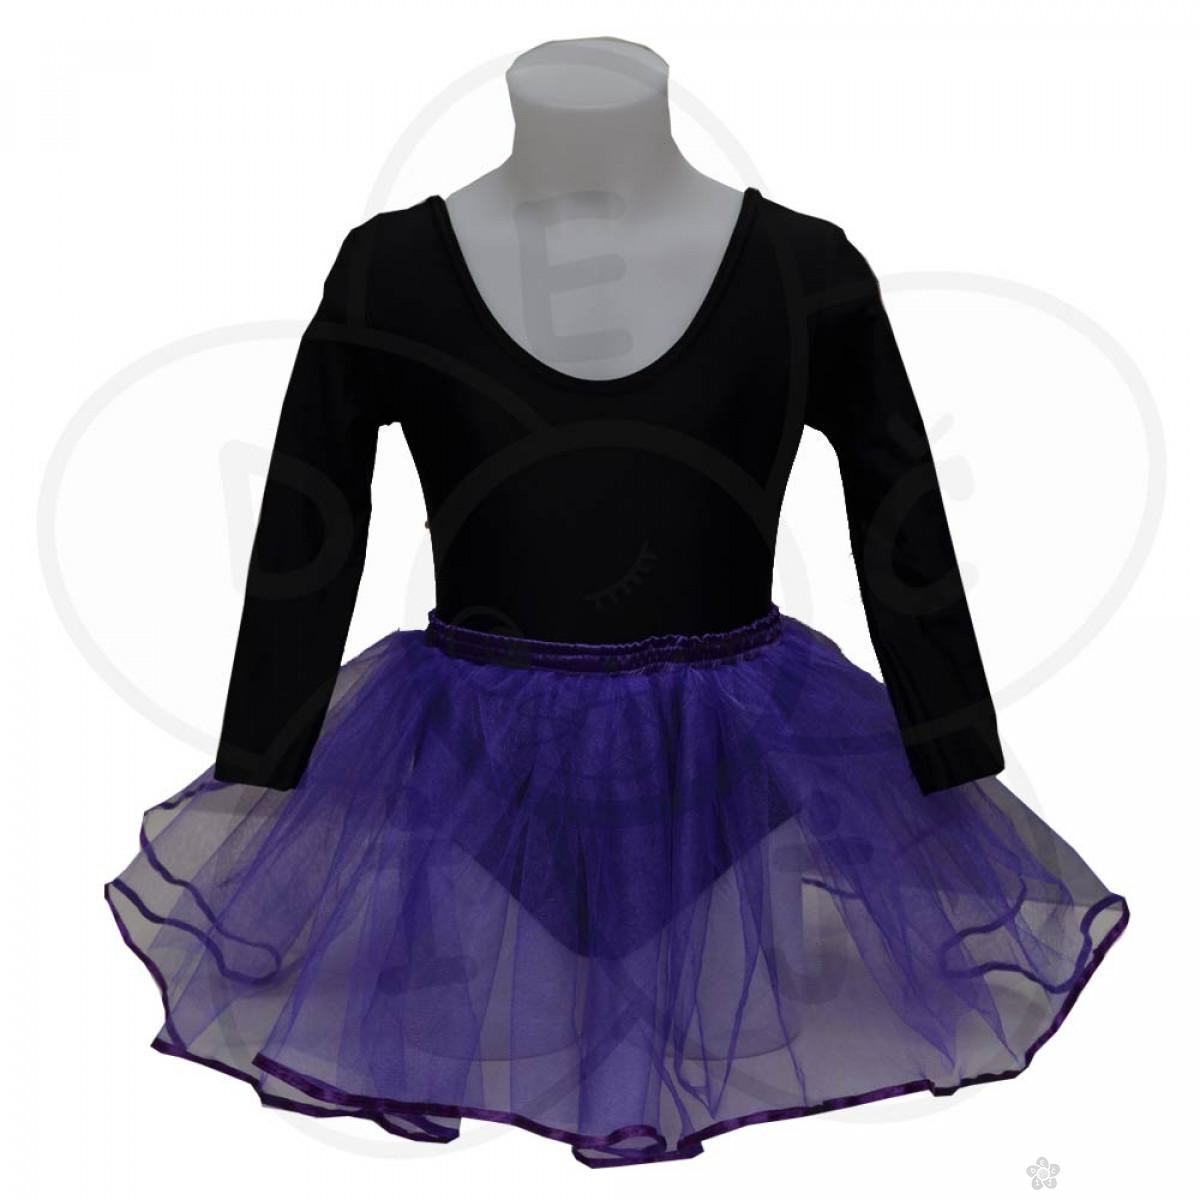 Baletska suknjica, ljubičasta